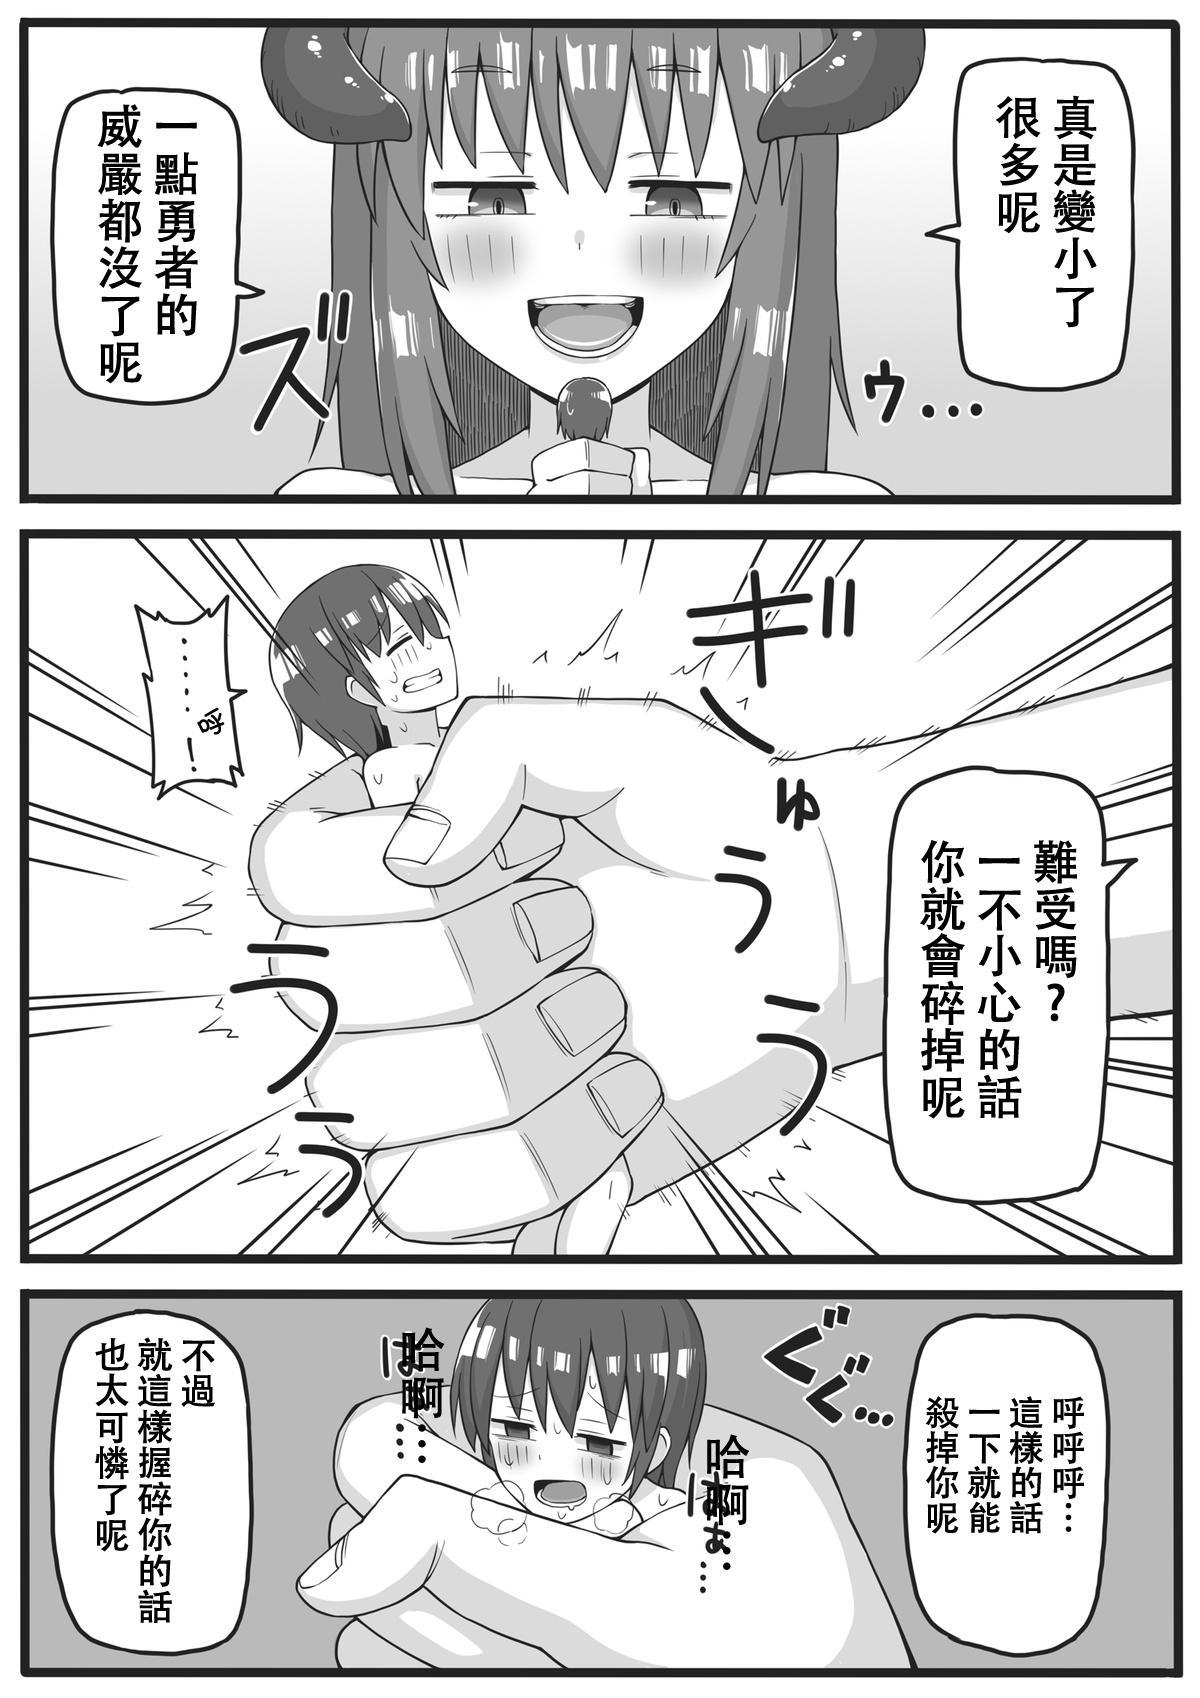 Yuusha ga Chiisaku Ecchi na Koto o Sarete Shimau Manga 5